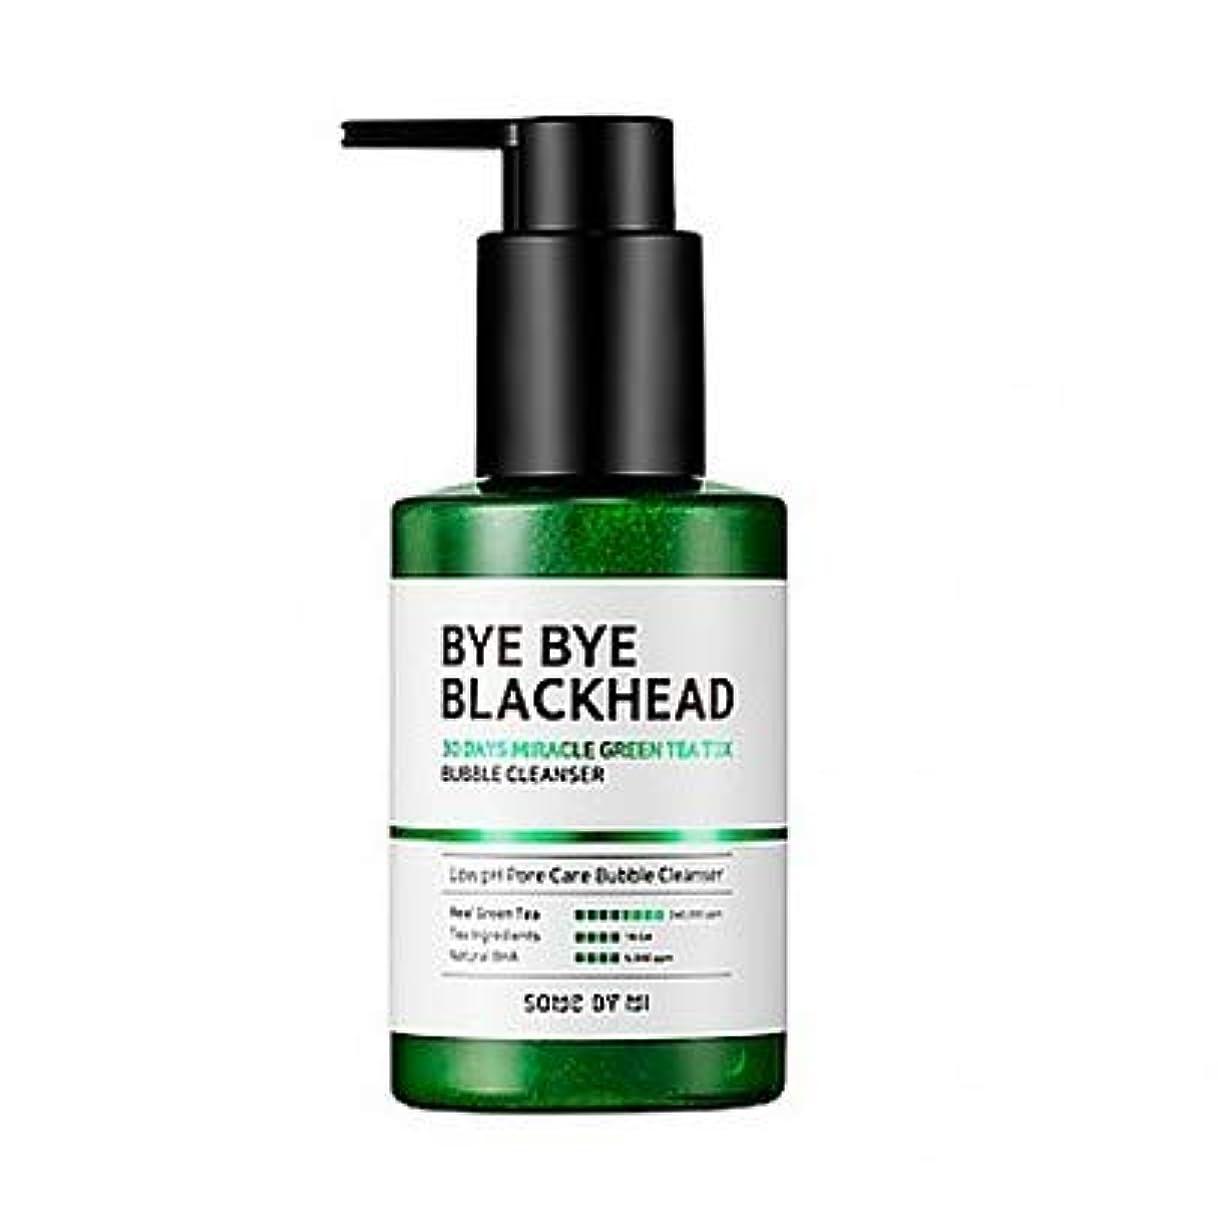 第四爆発シャックル[SOME BY MI] BYE BYE BLACKHEAD 30DAYS MILACLE GREEN TEA TOX BUBBLE CLEANSER 120g / [サムバイミー] バイバイブラックヘッド30DAYS...